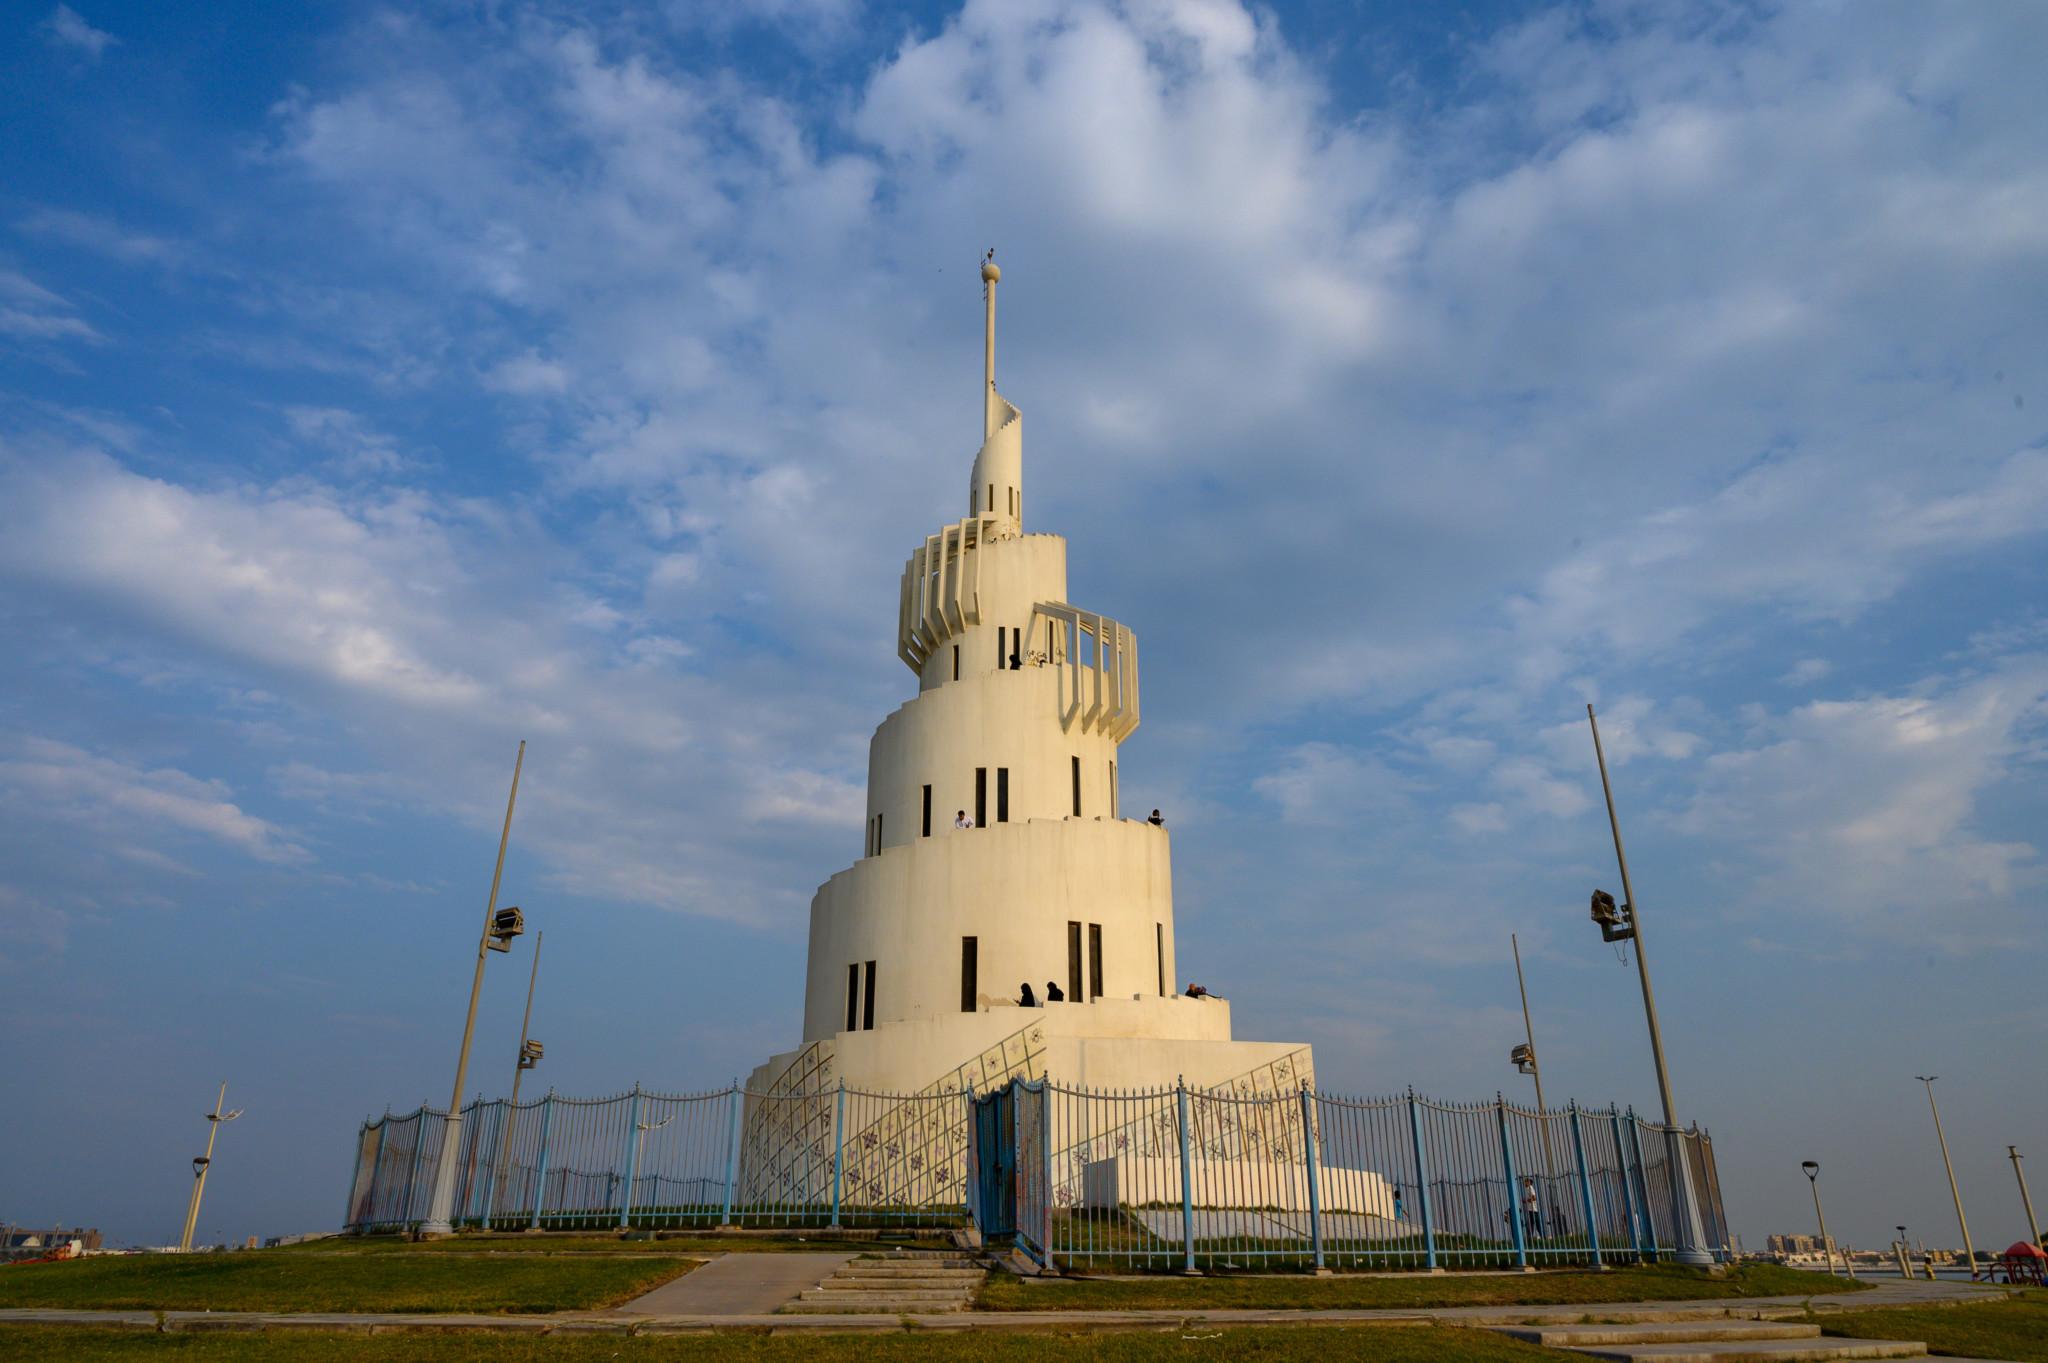 Der Turm auf Marjan Island gehört auch zu den Sehenswürdigkeiten in Saudi